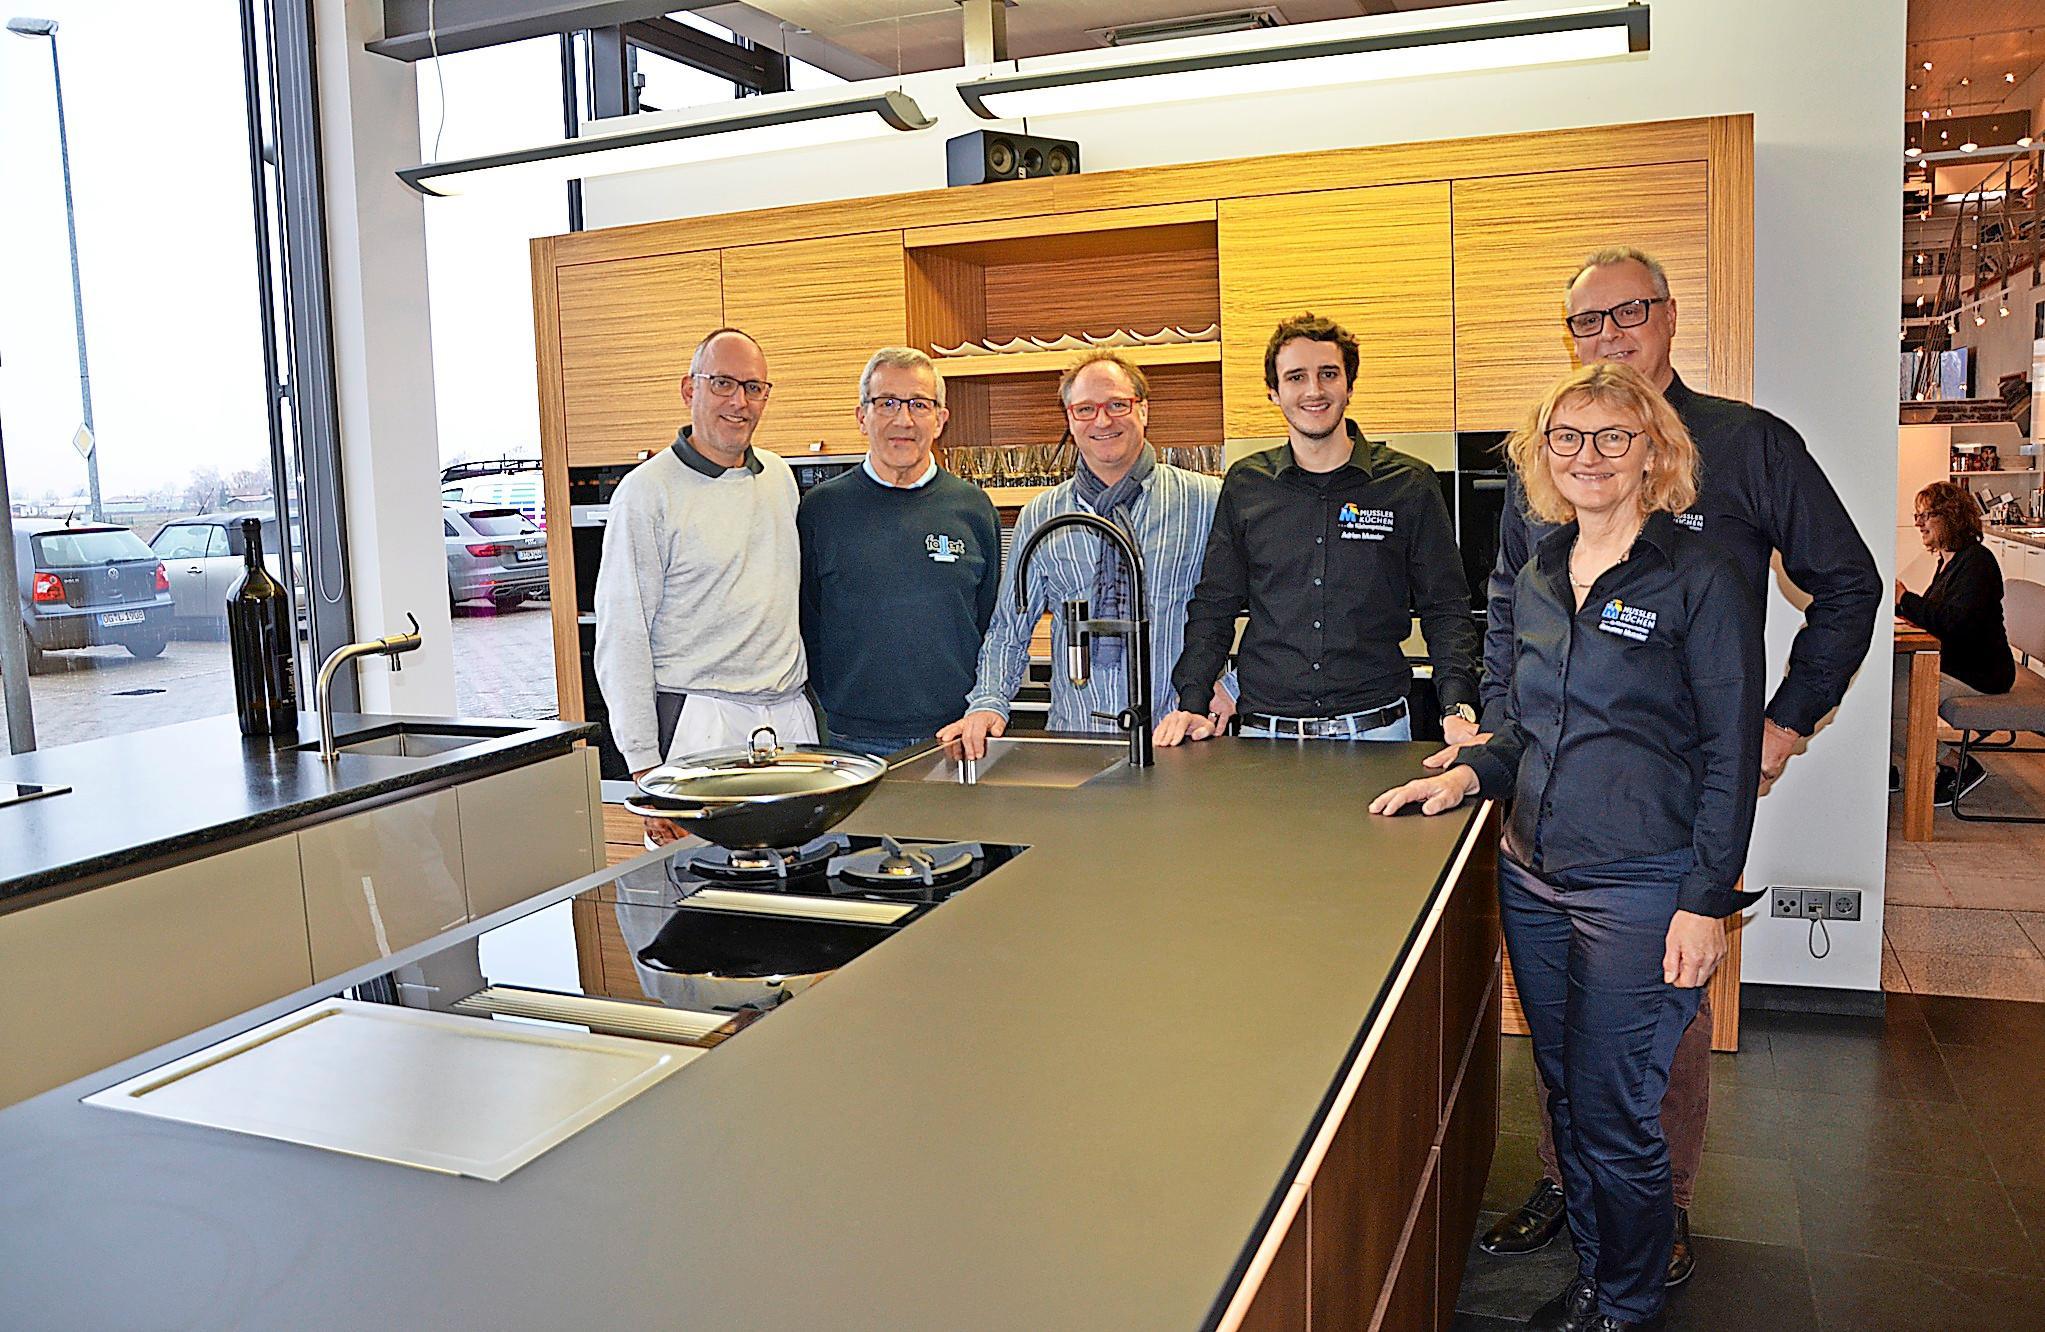 Zum Winterfest laden (von rechts) Susanne, Wolfgang und Adrian Mussler mit den Partnern Andreas Miessmer, Lothar Fallert und Oliver Wagenmann ein. KK